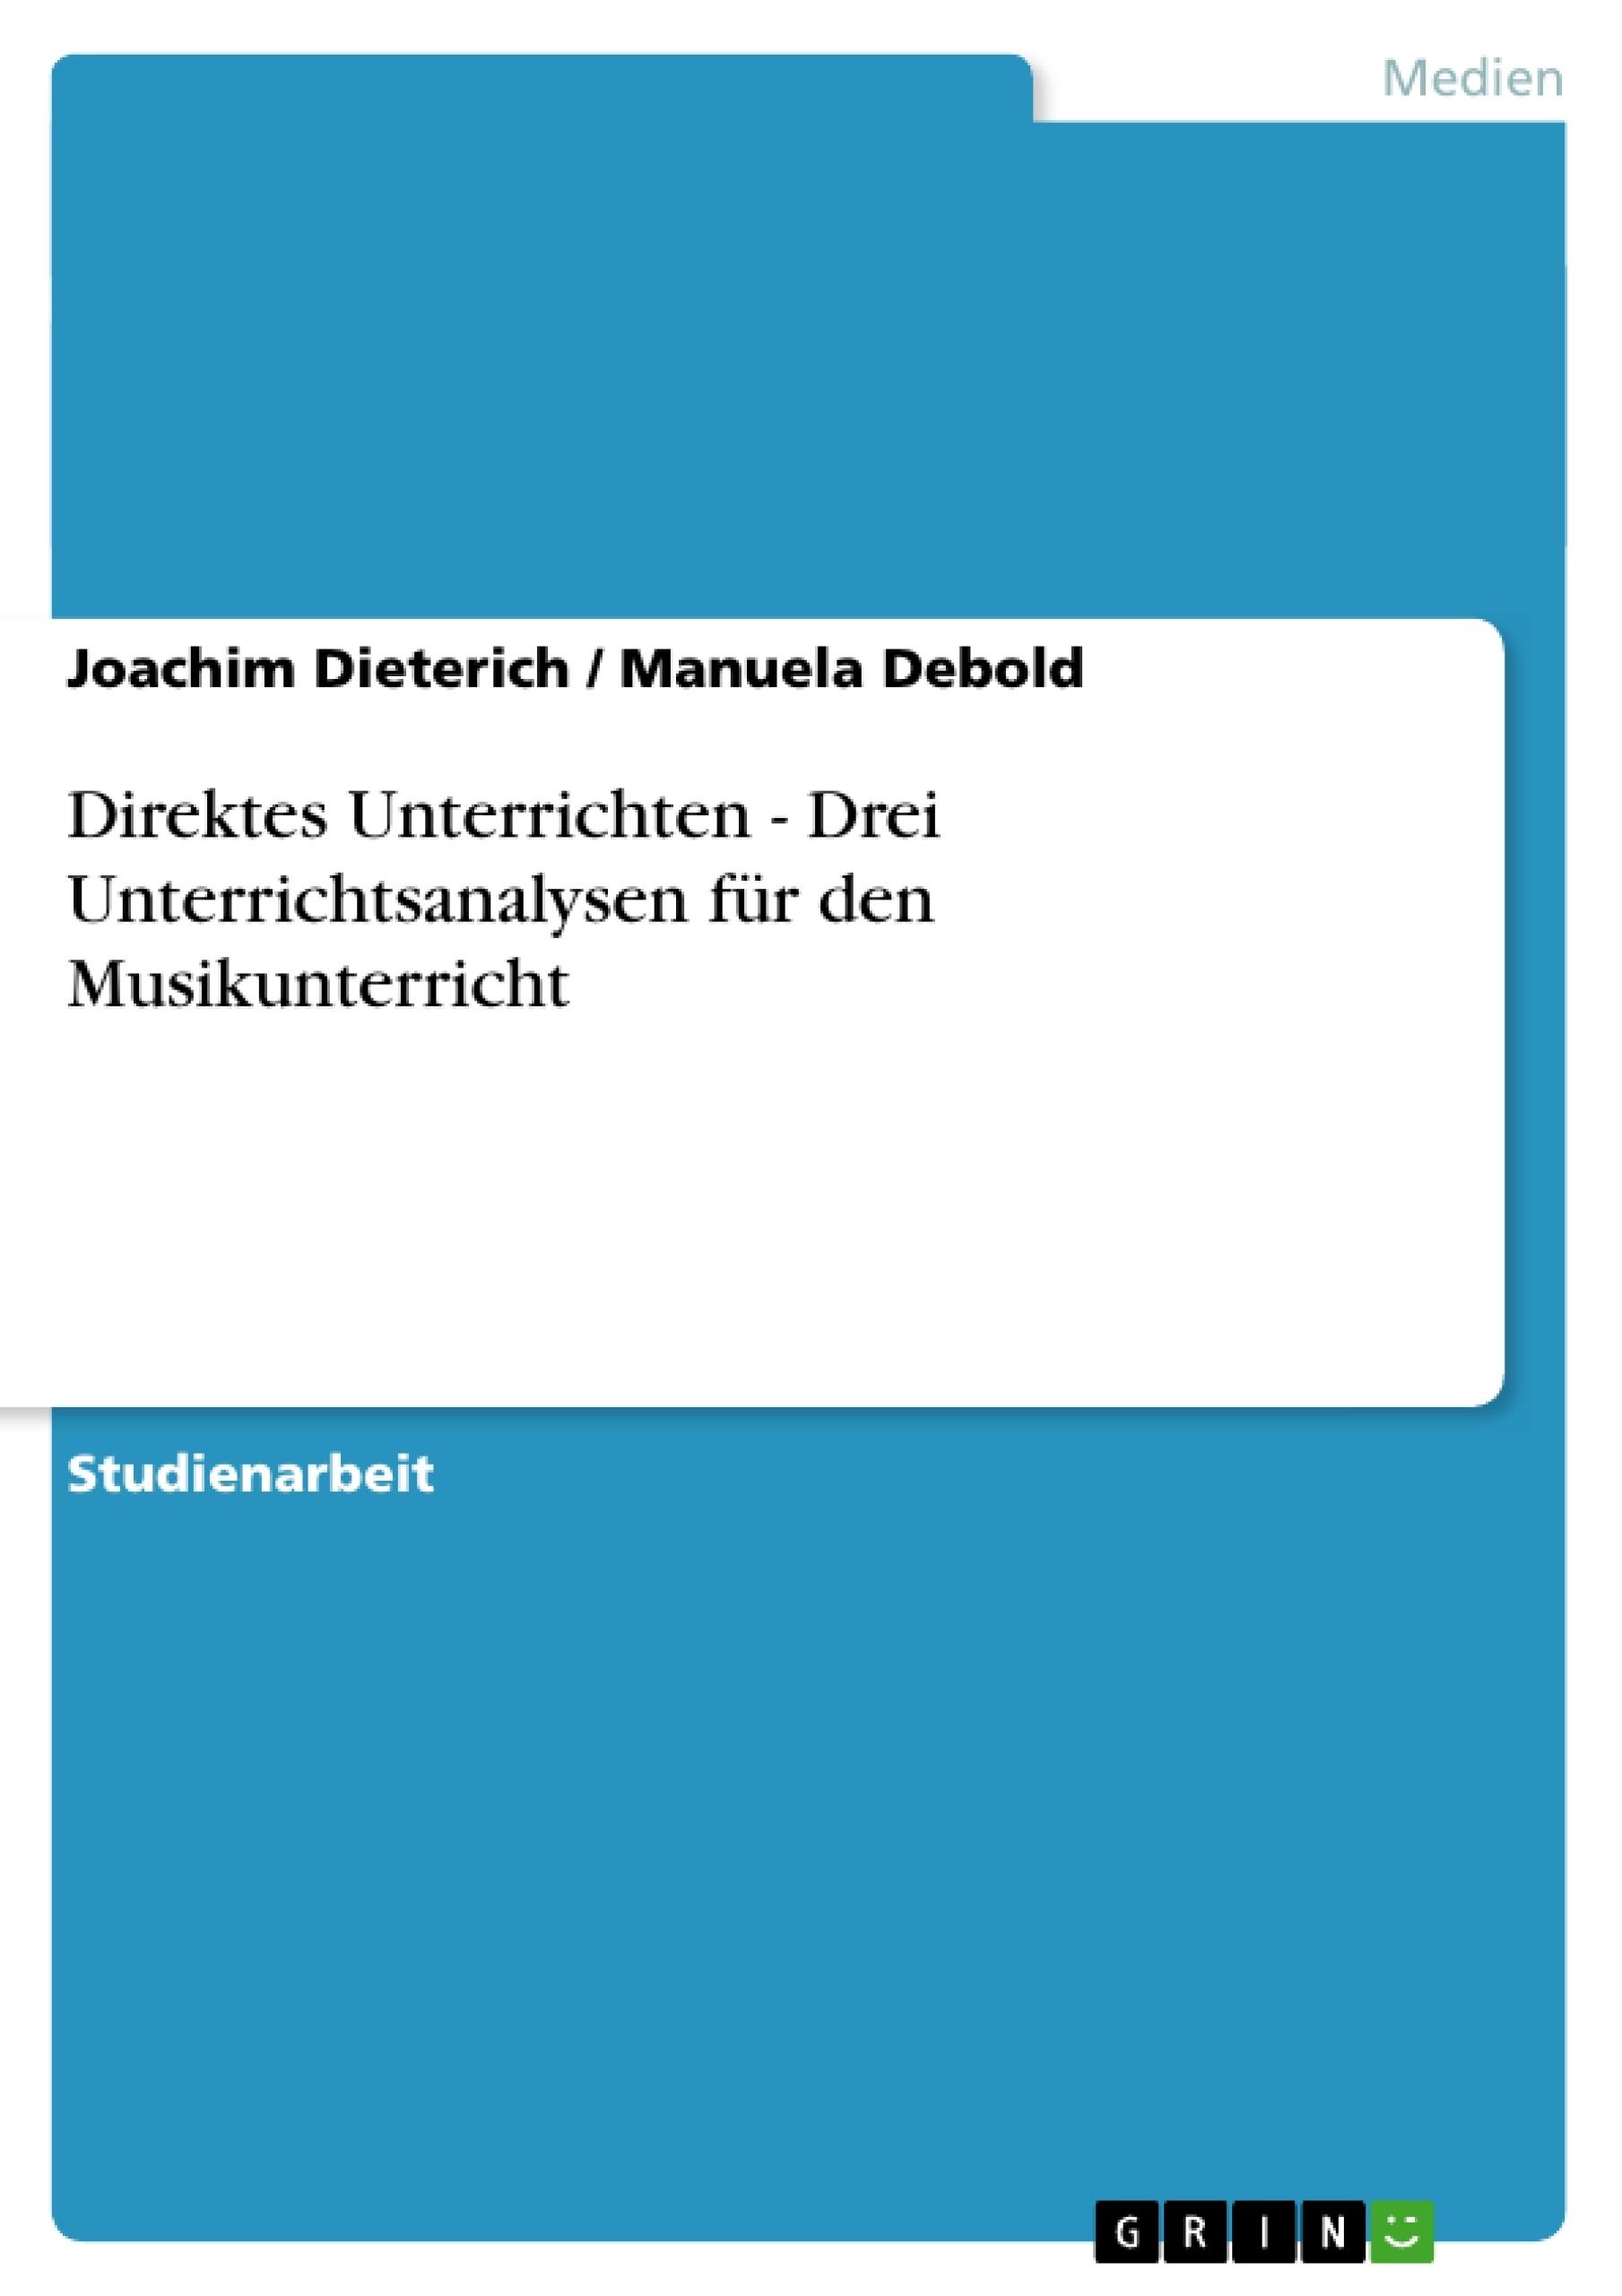 Titel: Direktes Unterrichten - Drei Unterrichtsanalysen für den Musikunterricht